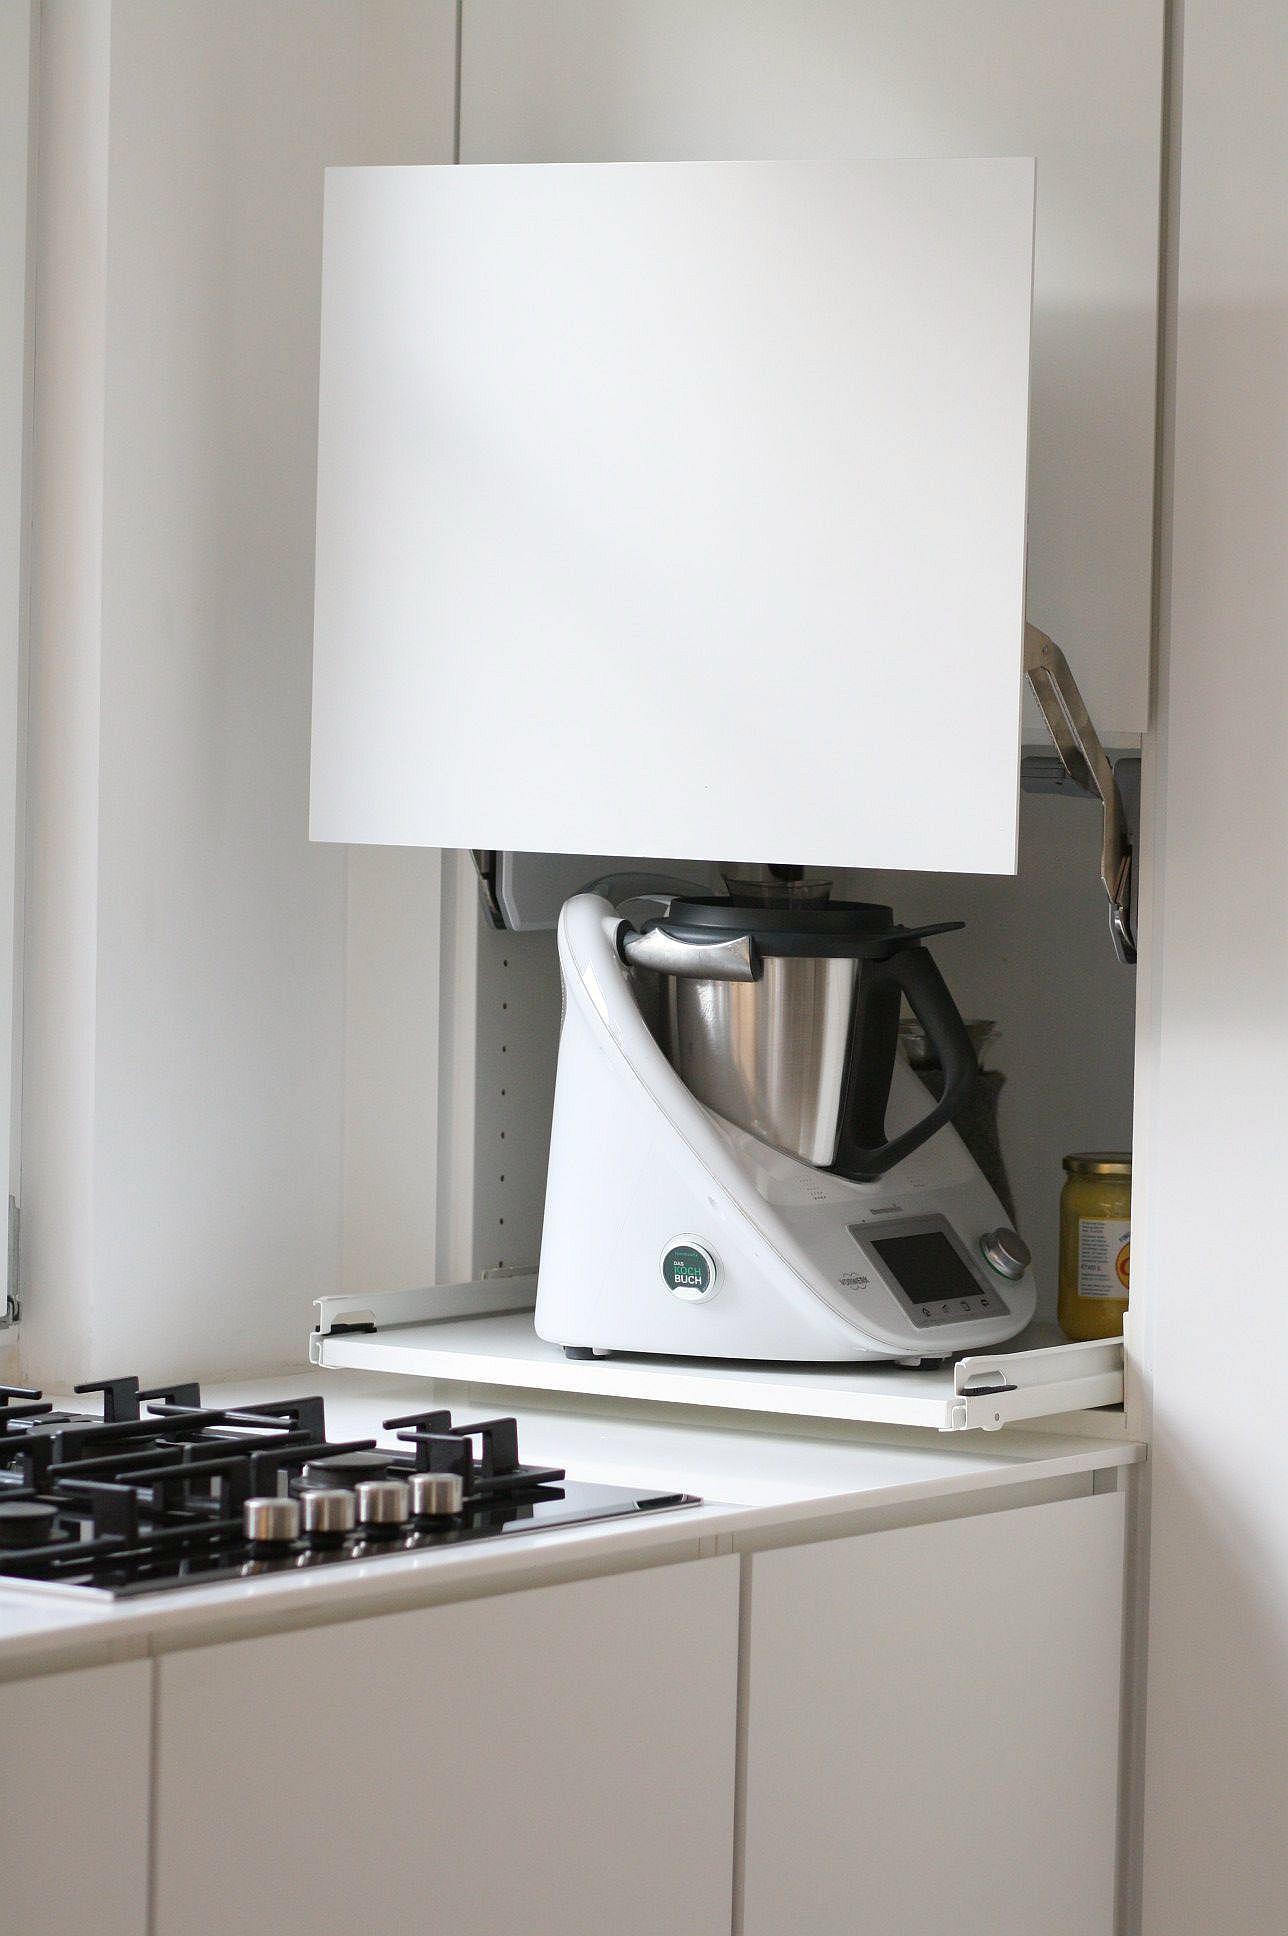 Unsere Küche in 2019 | Kitchen Storage | Küche dachschräge, Küche ...